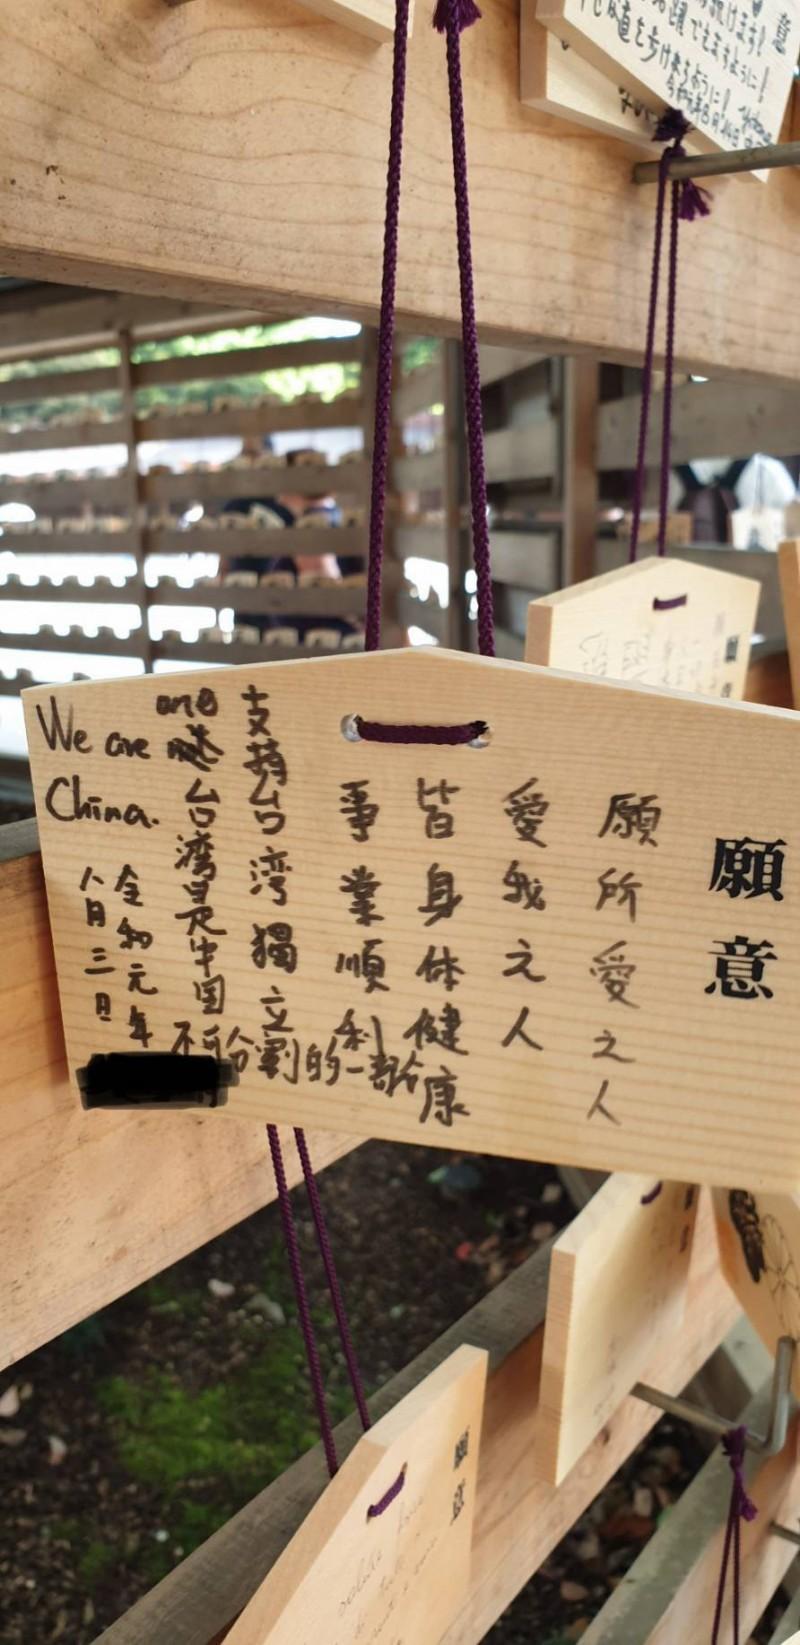 也有日本中客用許願牌寫「台灣是中國不可分割的一部分」。(圖擷取自PTT)